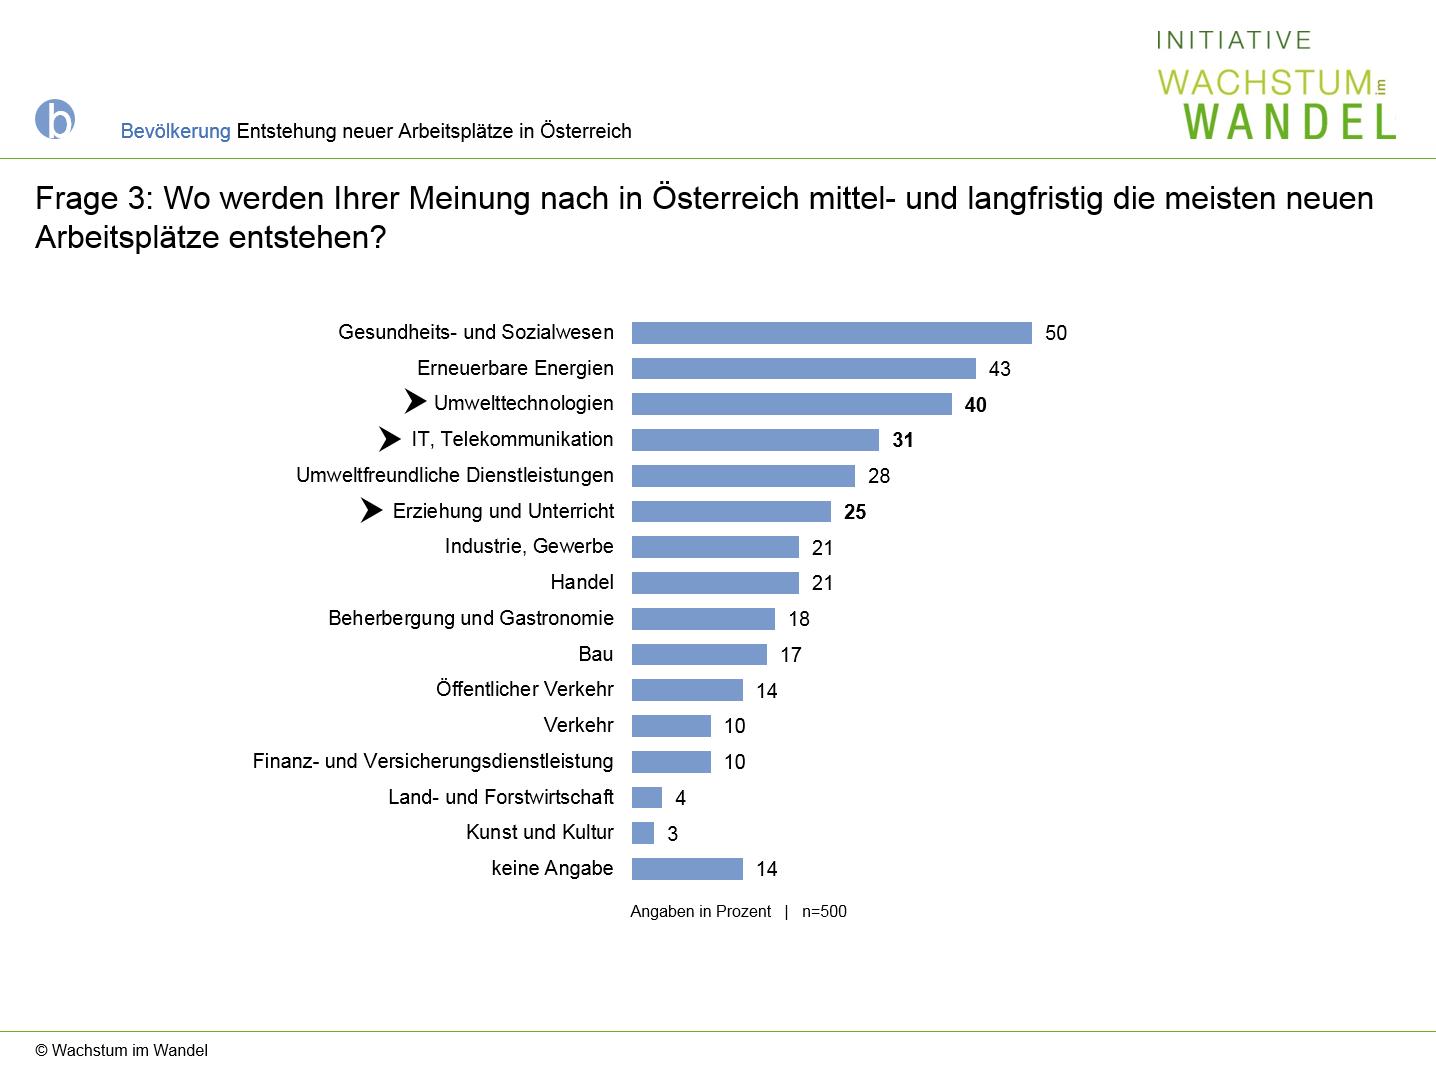 Diagramm: Wo werden Ihrer Meinung nach in Österreich die meisten neuen Arbeitspätze entstehen